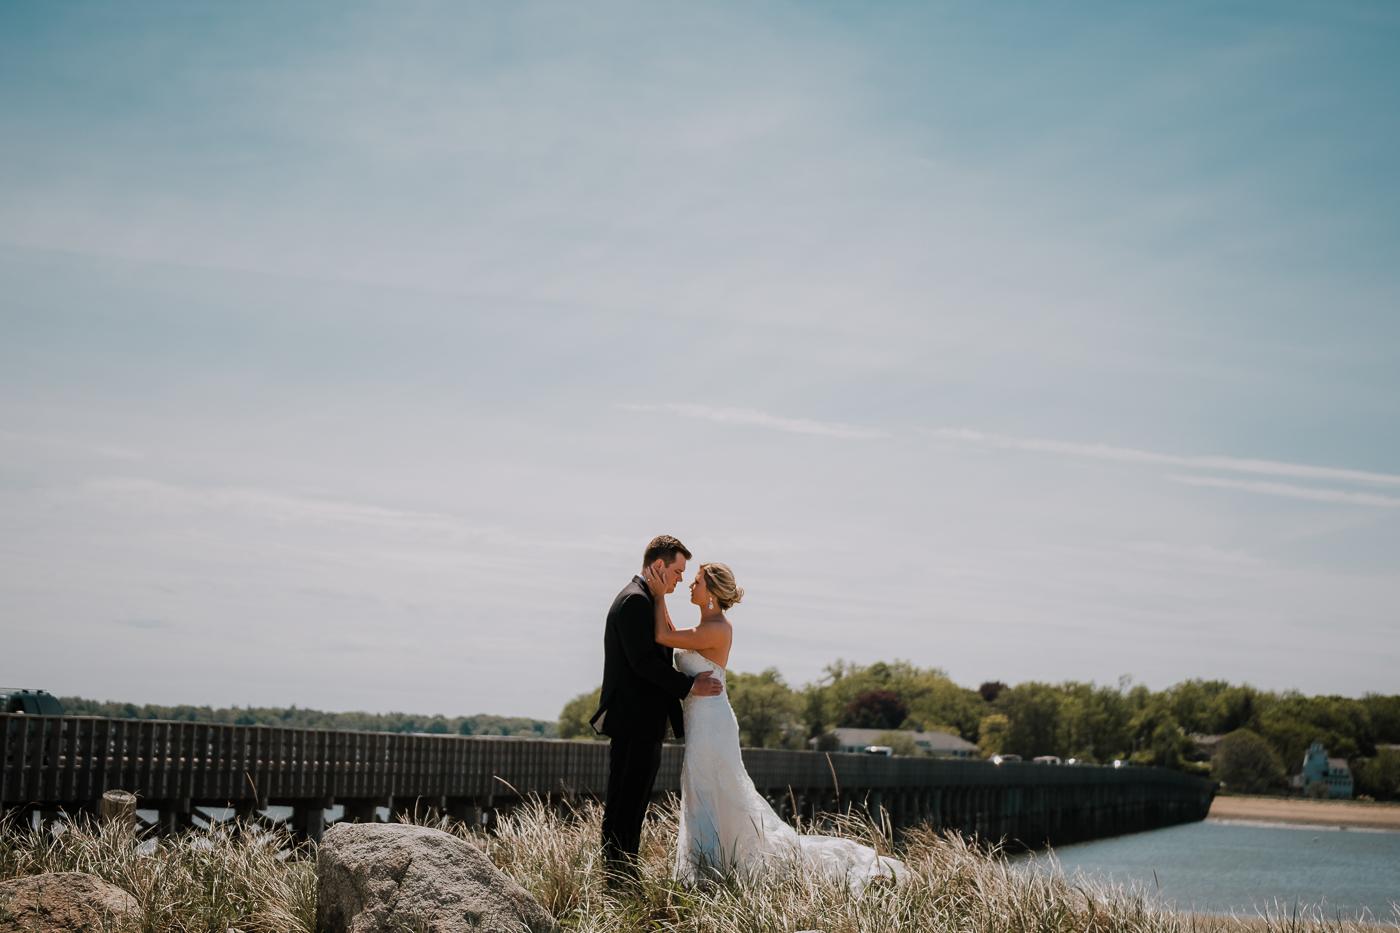 aly+jonny.web.newengland.wedding.©2017mileswittboyer-36.jpg